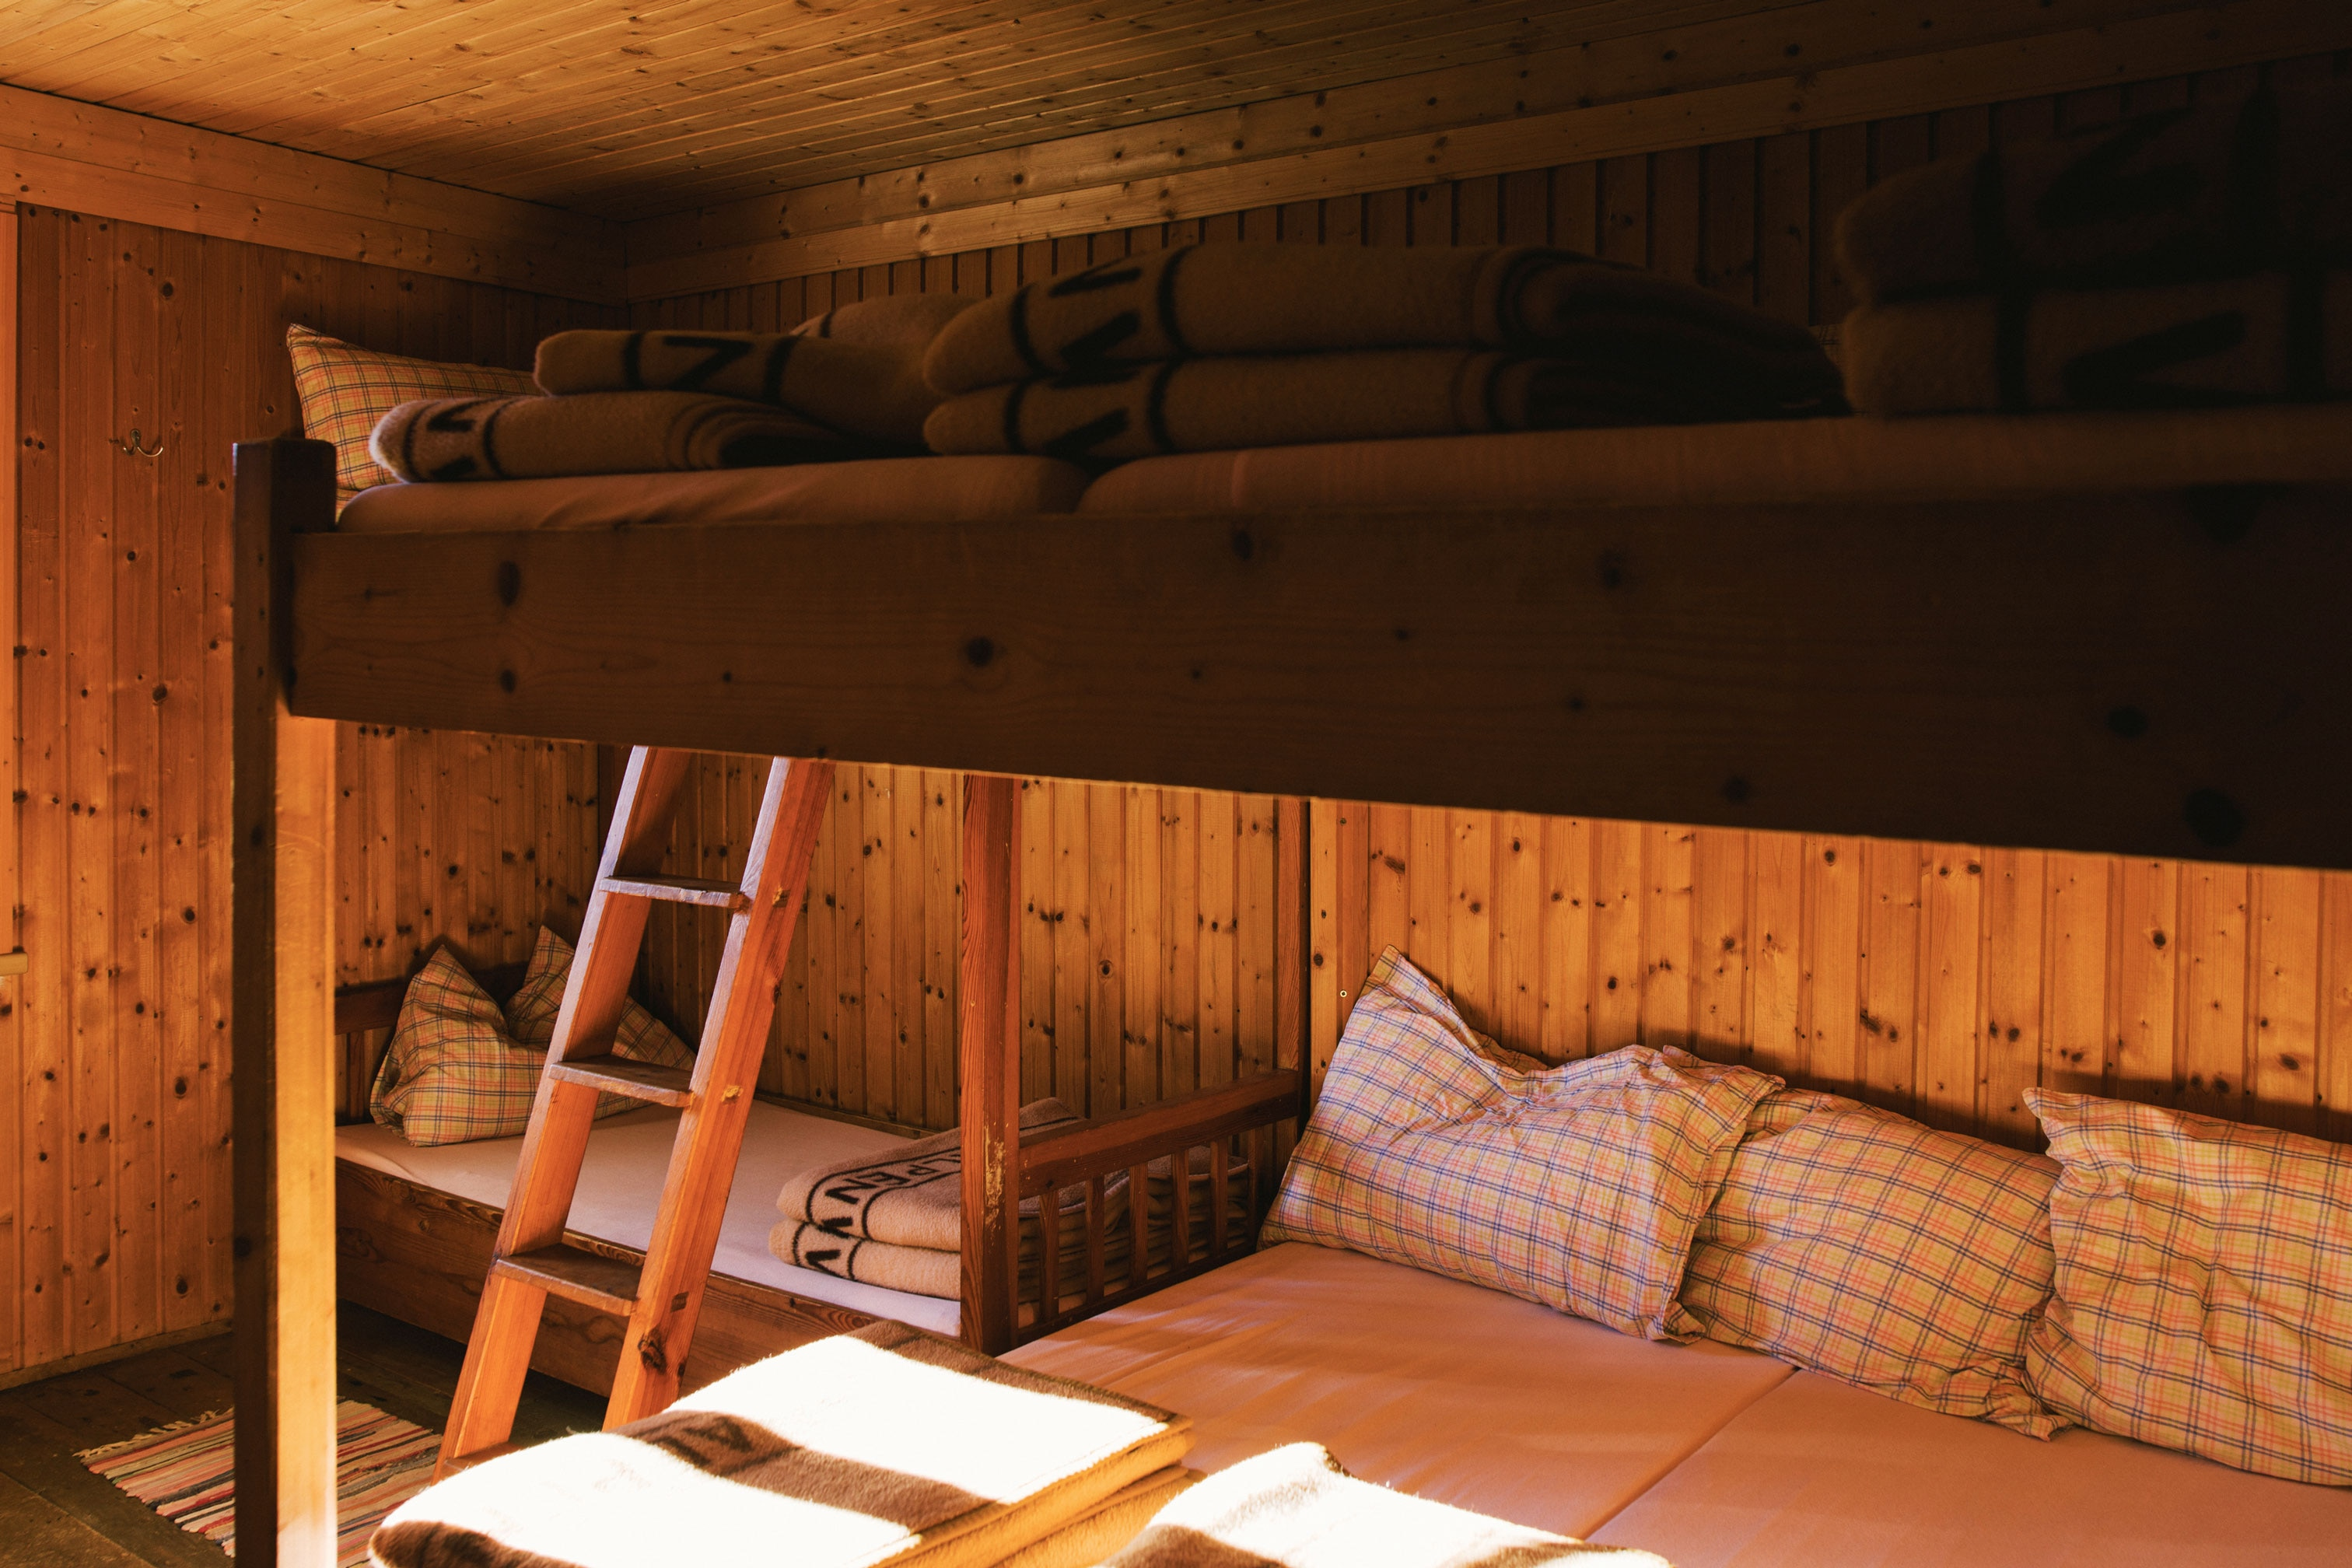 Matratzenlager hütte  Was kostet eine Nacht auf der Hütte? | Bergwelten